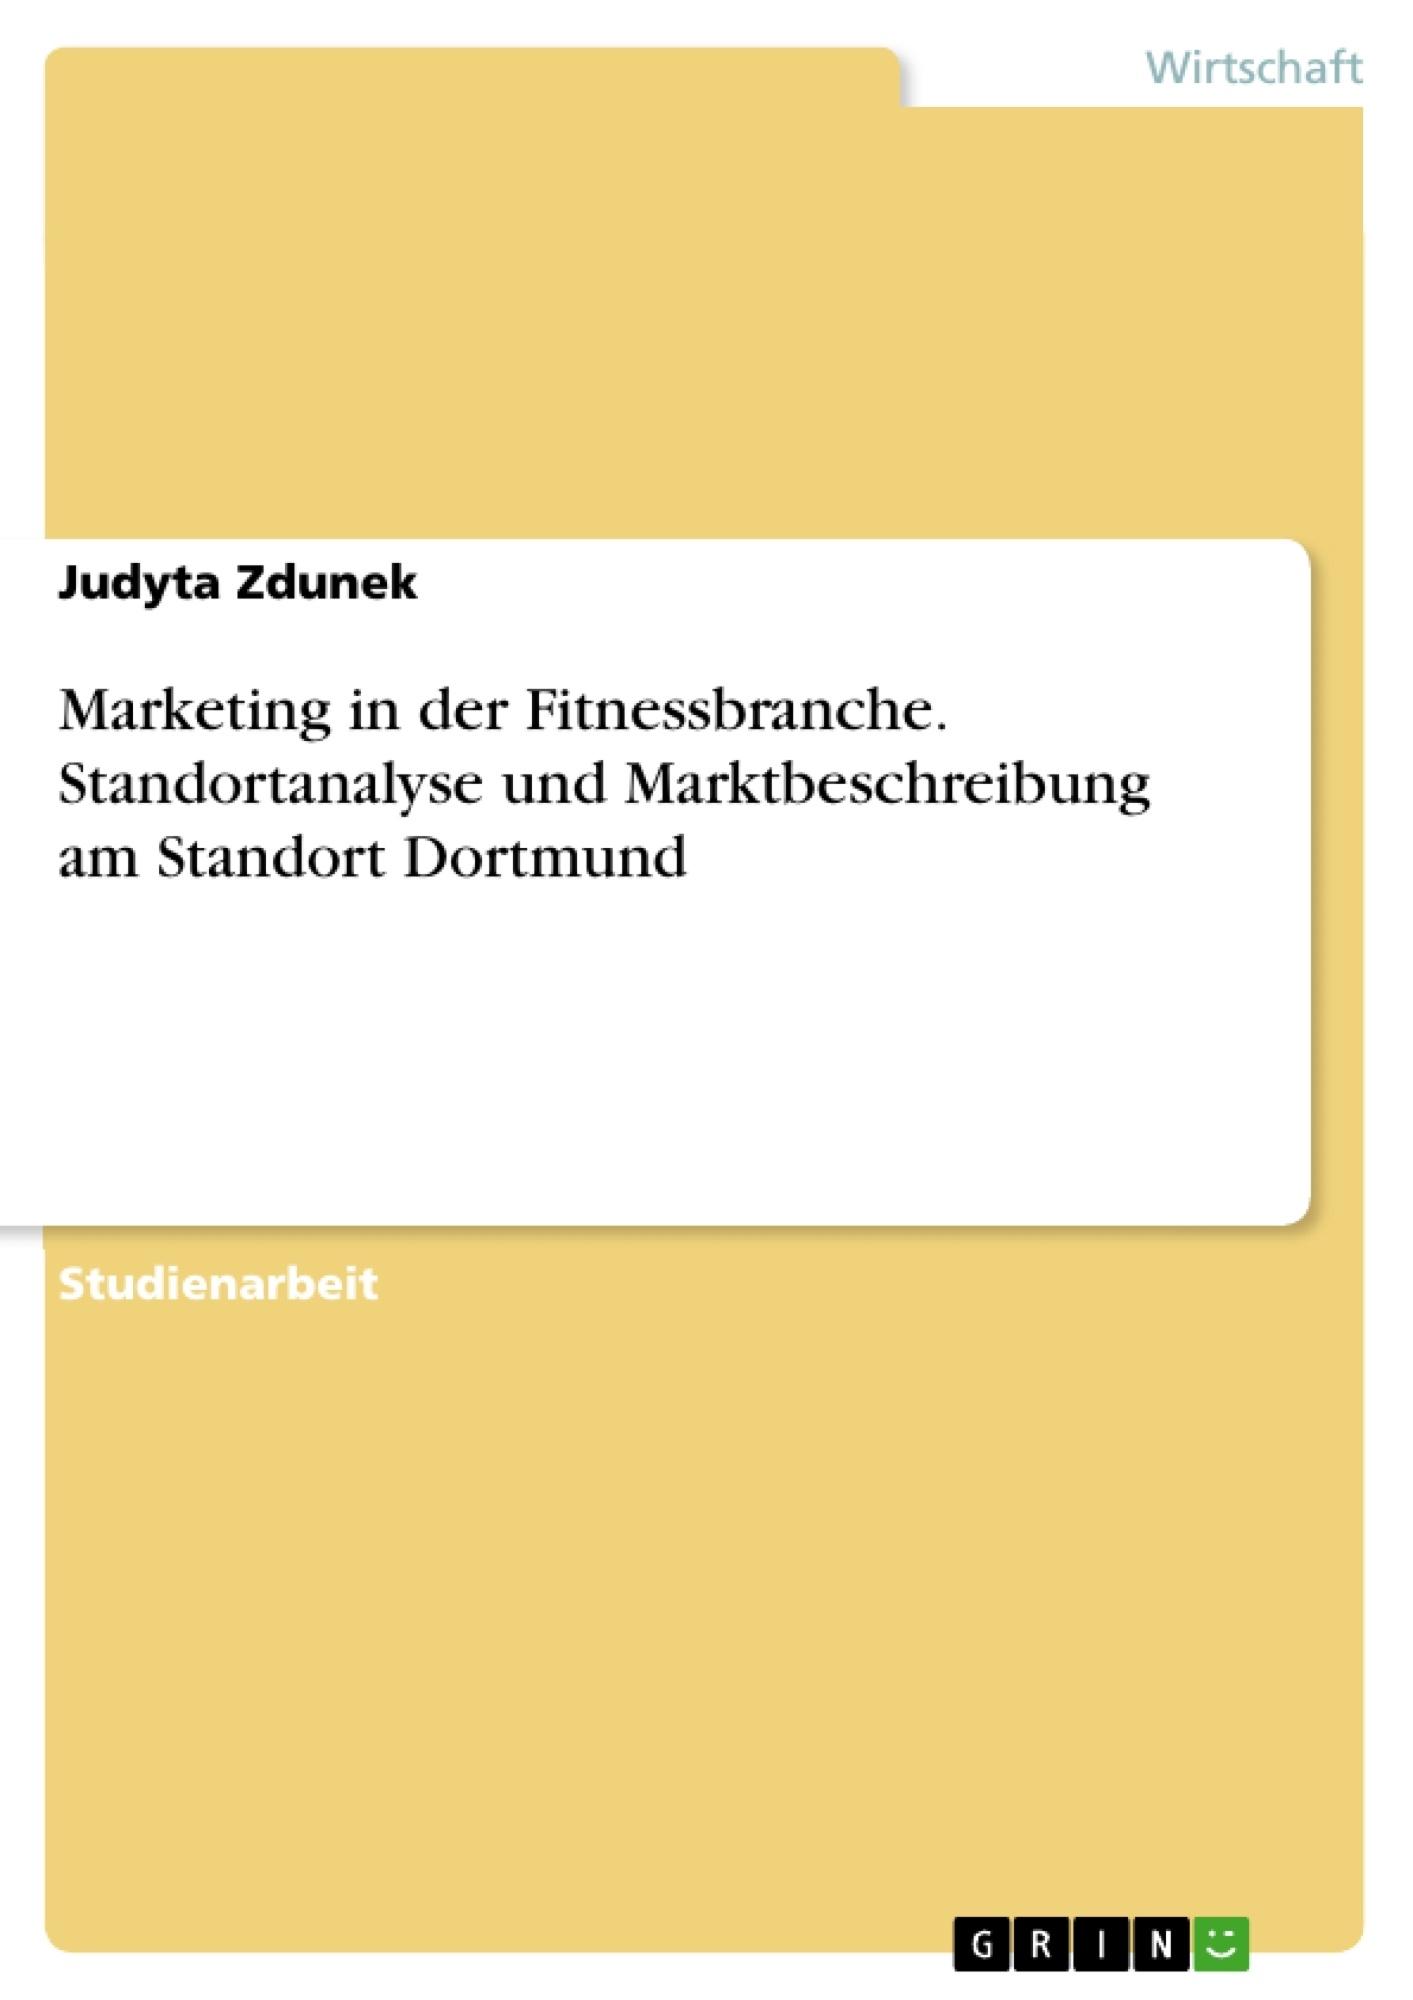 Titel: Marketing in der Fitnessbranche. Standortanalyse und Marktbeschreibung am Standort Dortmund